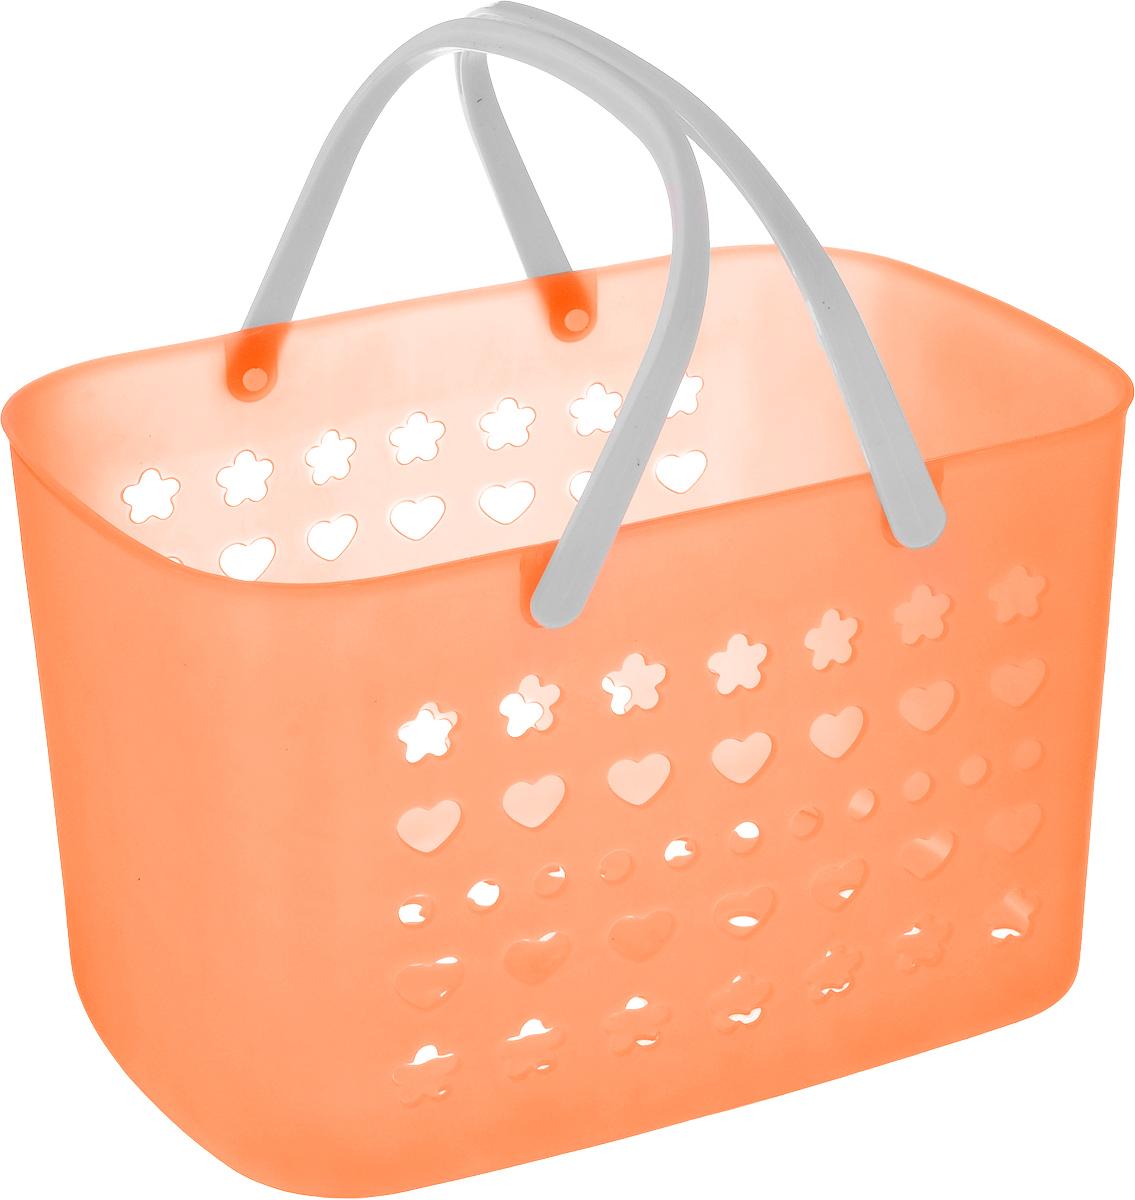 Корзина для мелочей Sima-land, цвет: оранжевый, 27,5 х 17,5 х 17 см, 799929799929_оранжевыйПрямоугольная корзина Sima-land, изготовленная из пластика, предназначена для хранениямелочей в ванной, на кухне, даче или гараже. Корзина оснащенаперфорированными стенками и дном. Для удобства переноски корзины имеются пластиковые ручки.Элегантный выдержанный дизайн позволяет органично вписаться в ваш интерьер и стать егоэлементом. Компактные размеры изделия позволят вам уместить его даже в очень небольшом помещении.